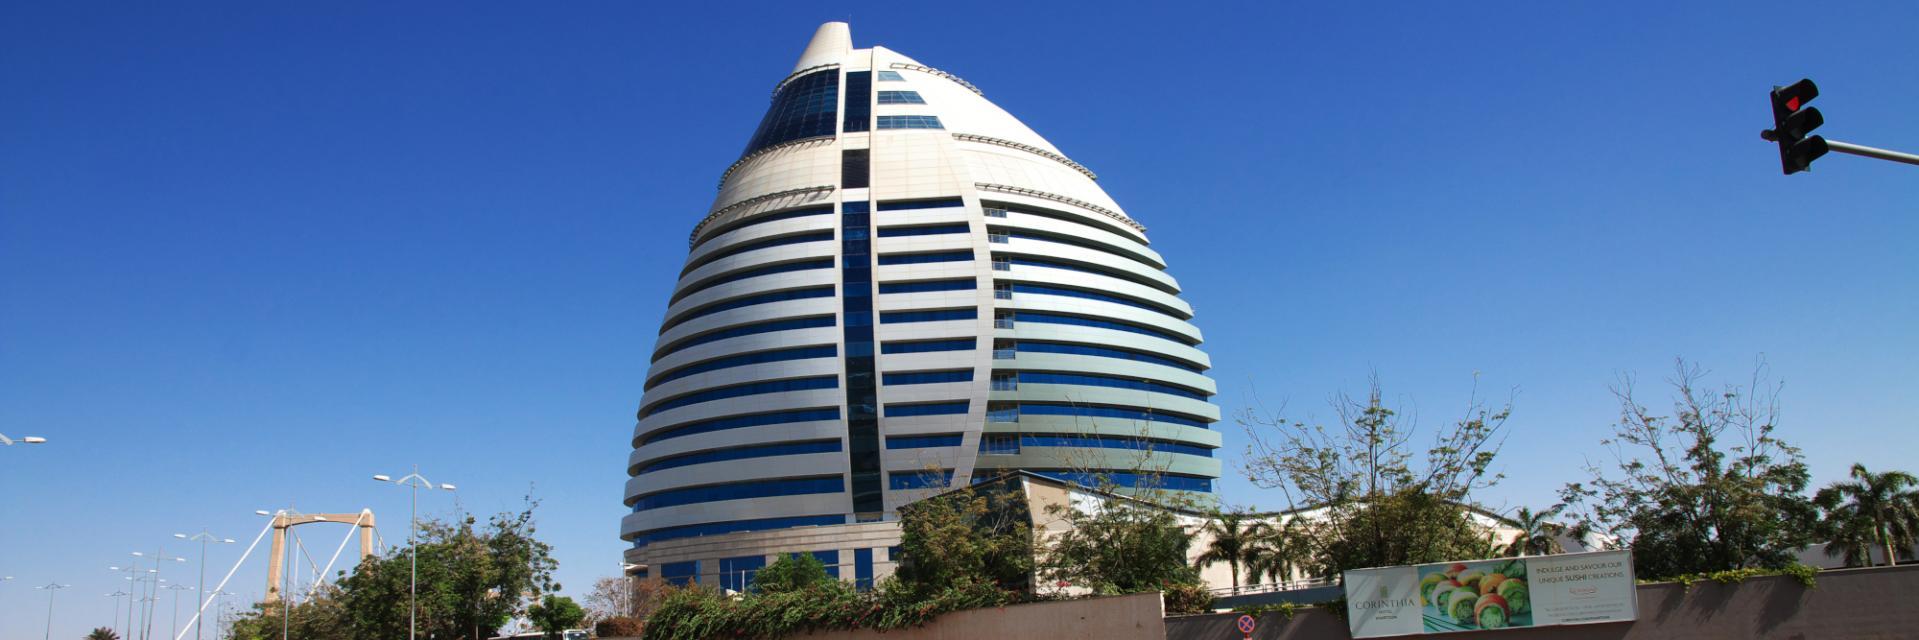 ZLECAf : des efforts conjoints et pragmatiques sont nécessaires pour que le Soudan bénéficie de ses points forts